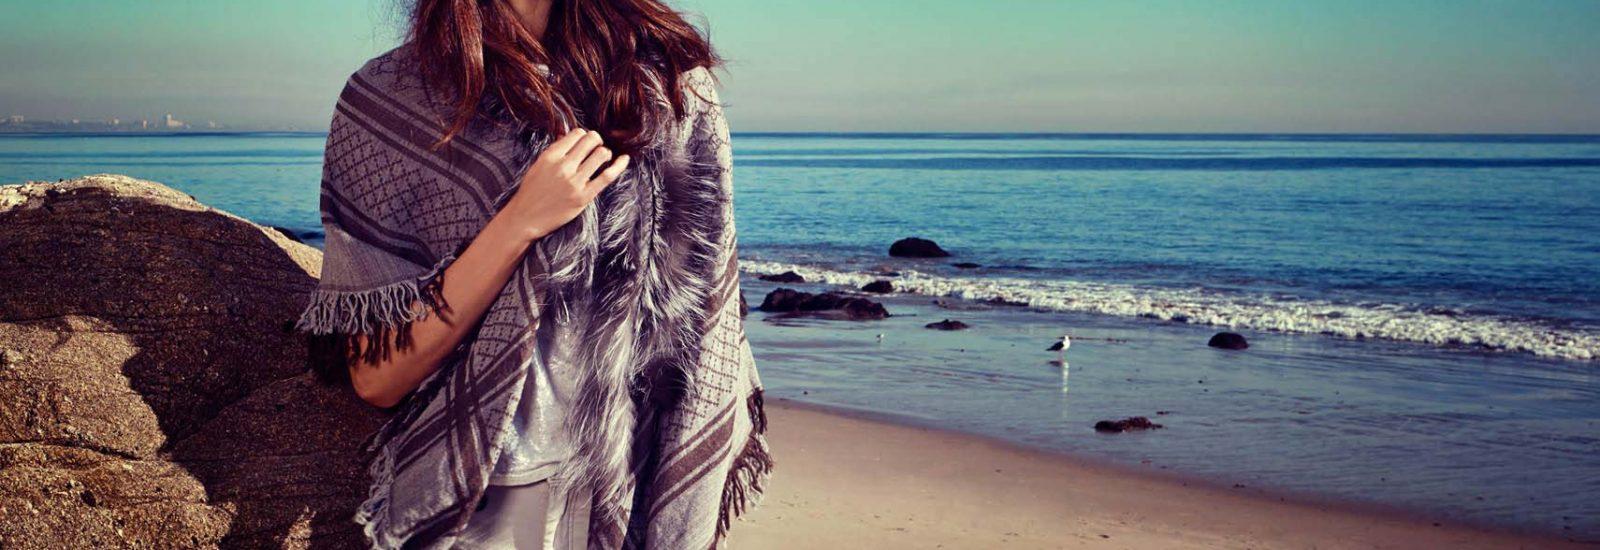 5 πράγματα που πρέπει κάθε νύφη να ξέρει